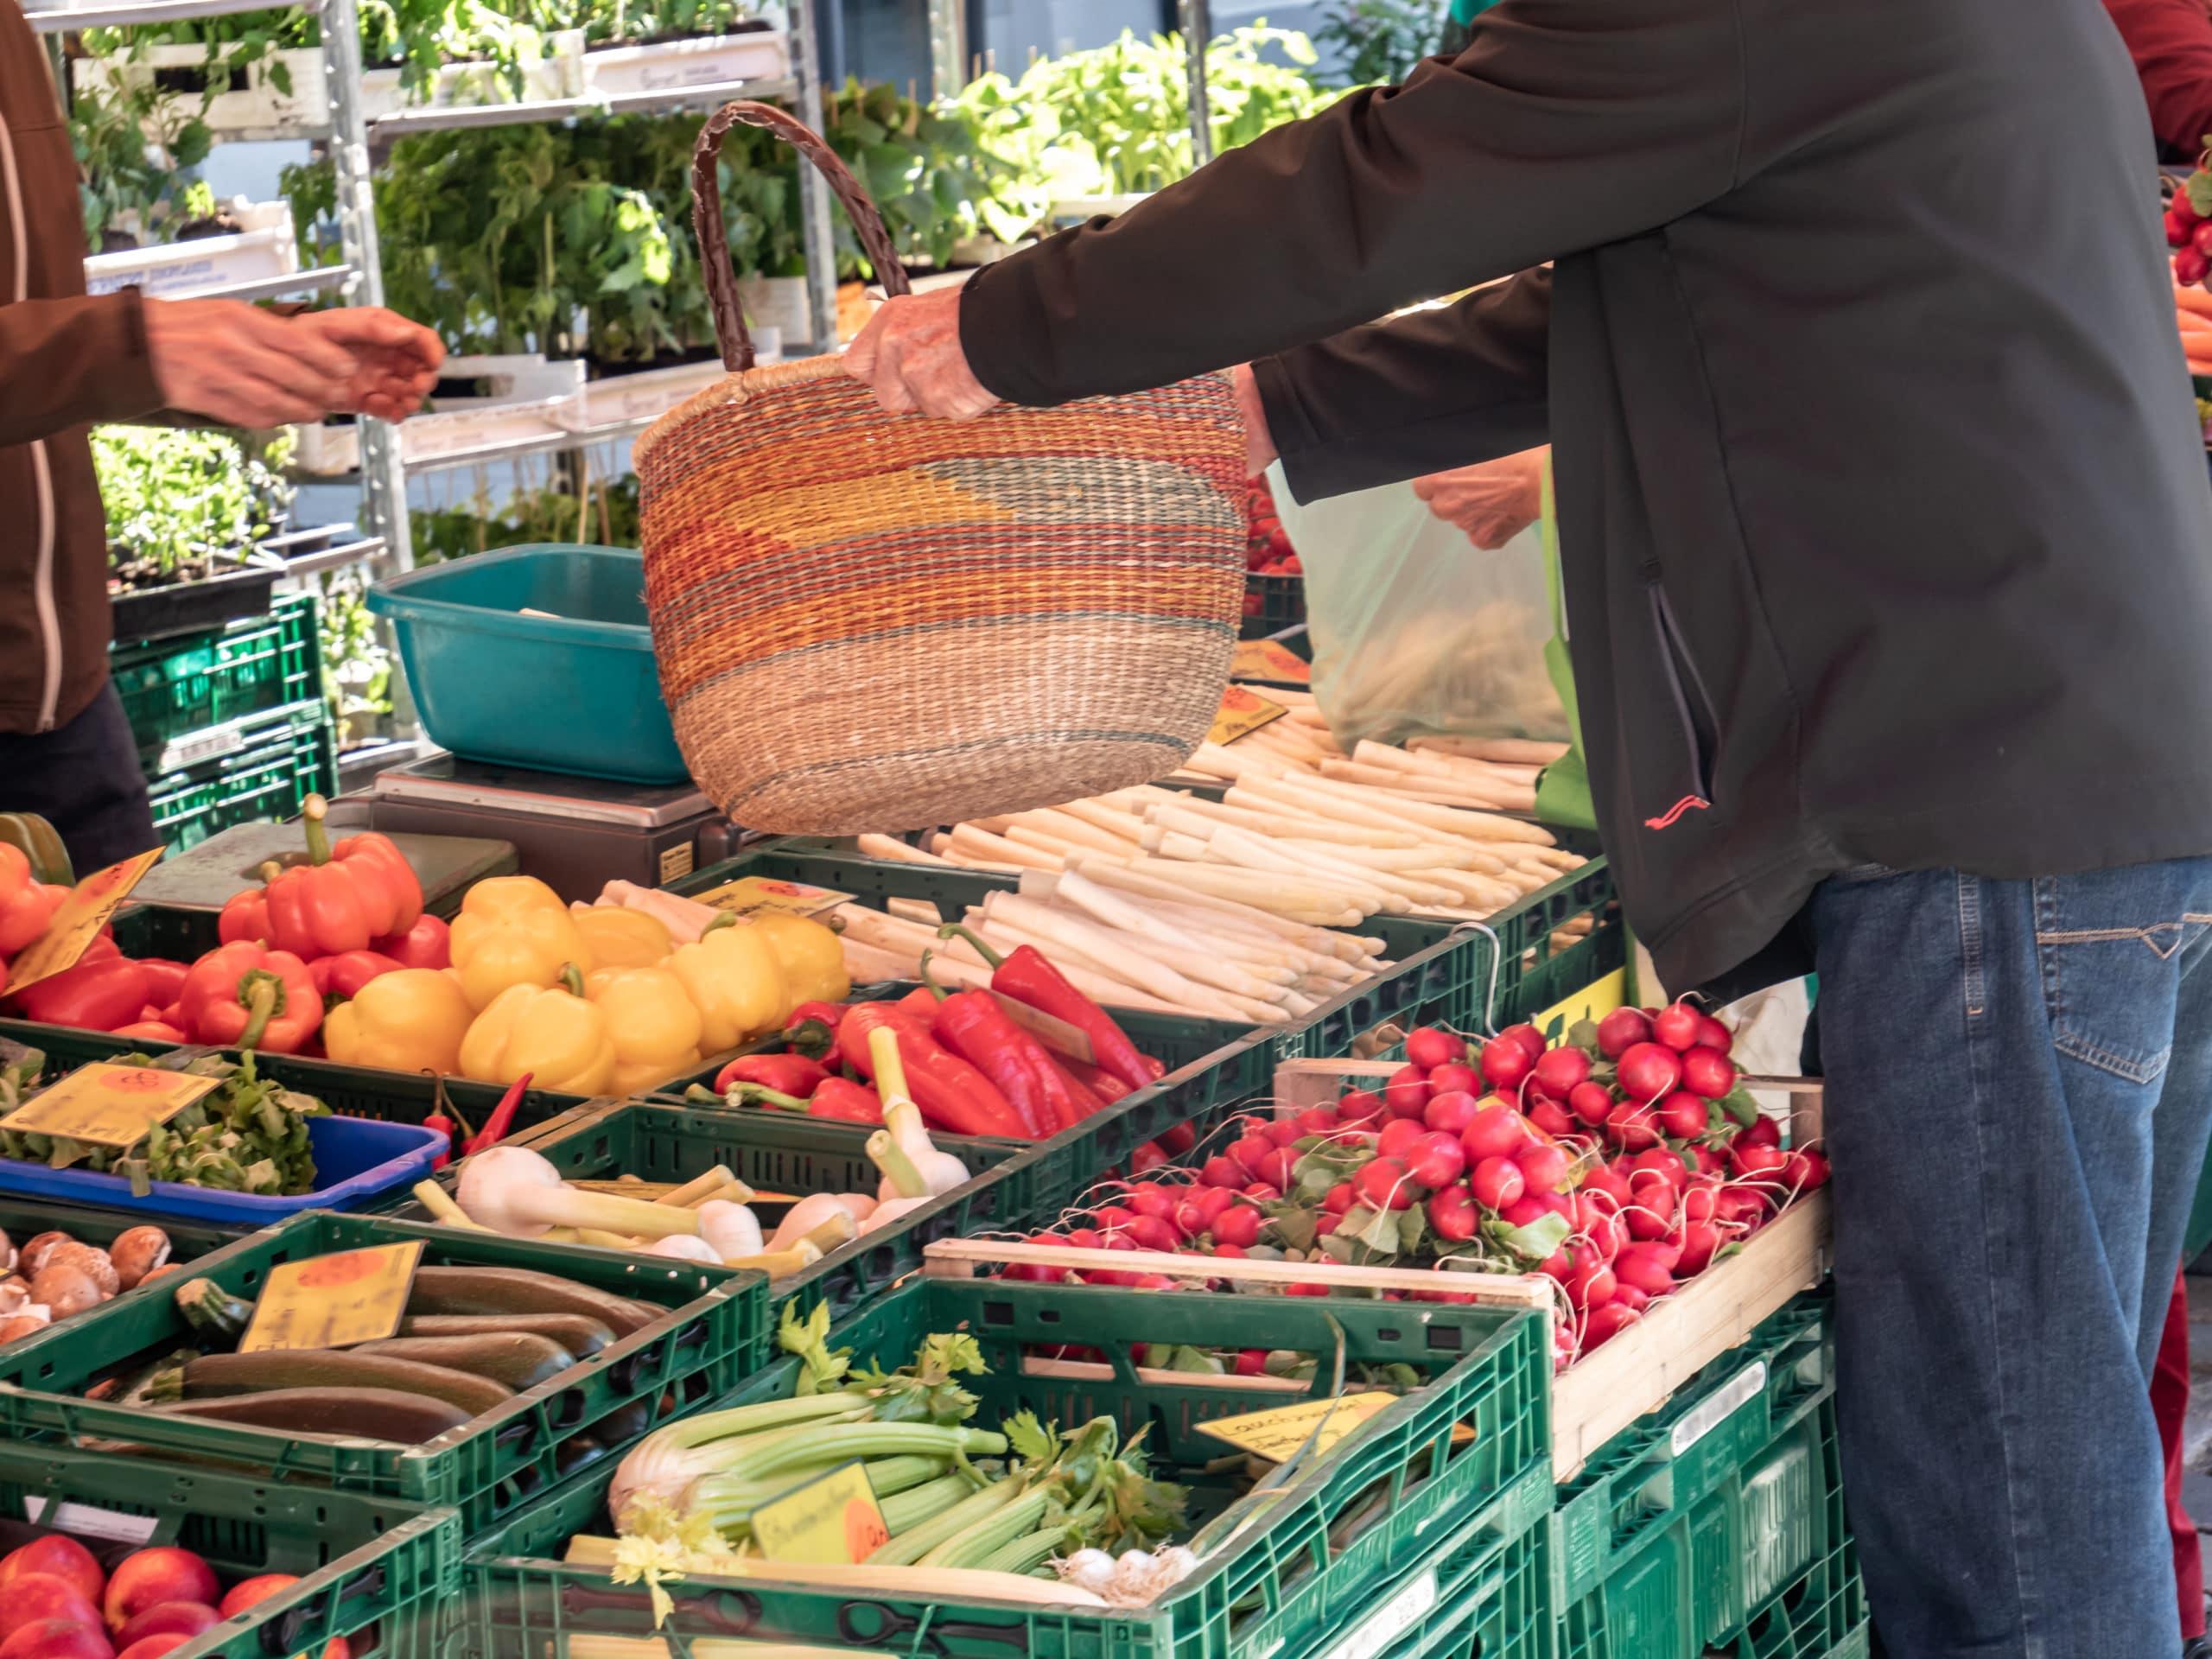 Unverpacktes einkaufen mit Korb auf dem Wochenmarkt